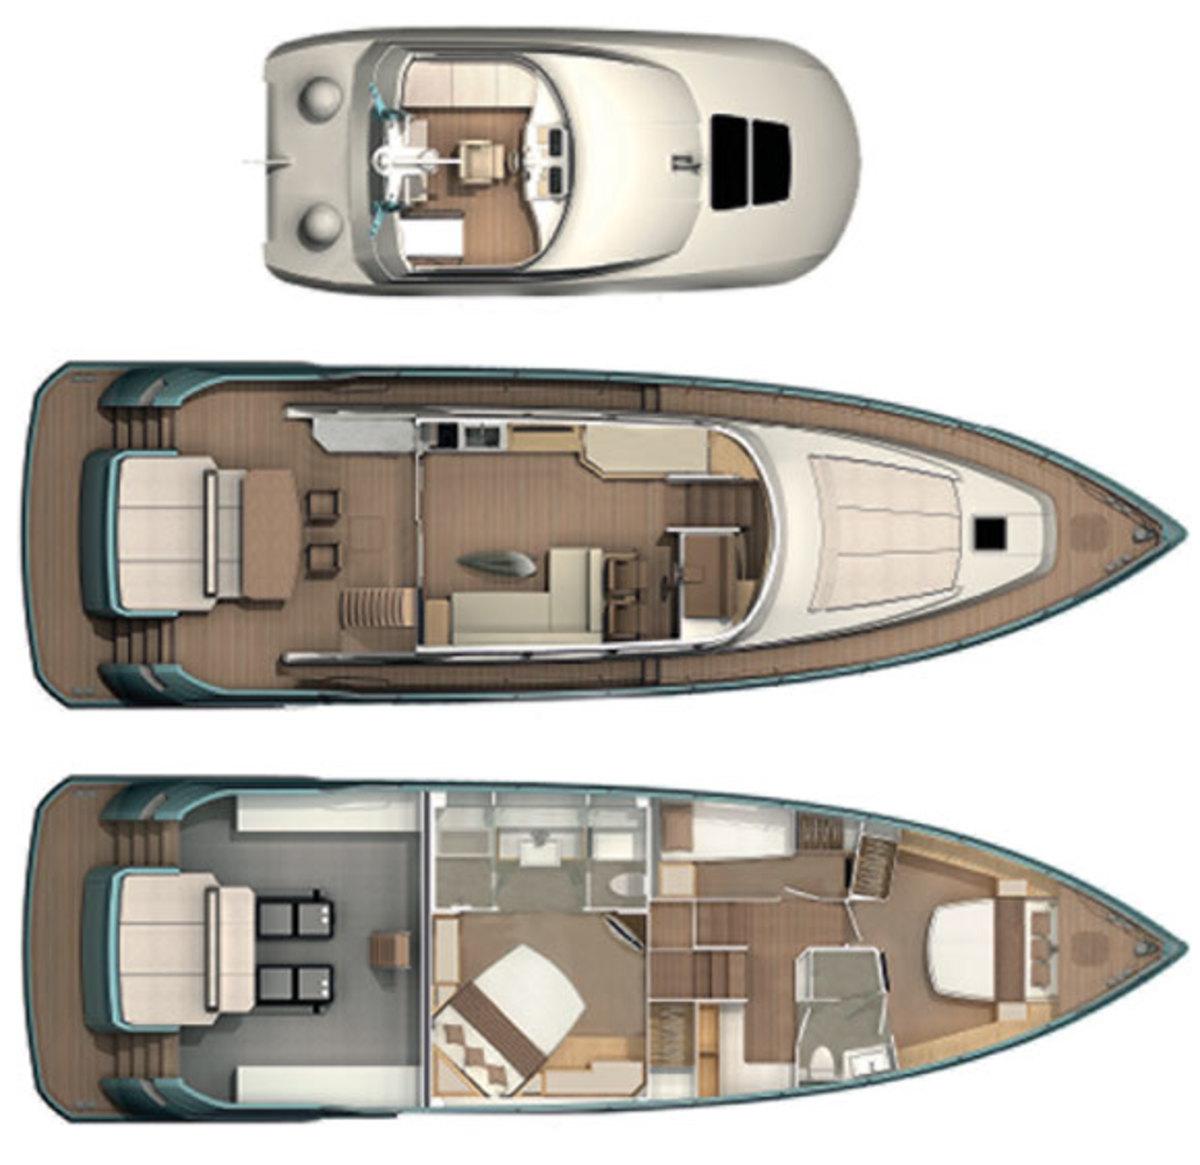 NISI 1700 deck plans